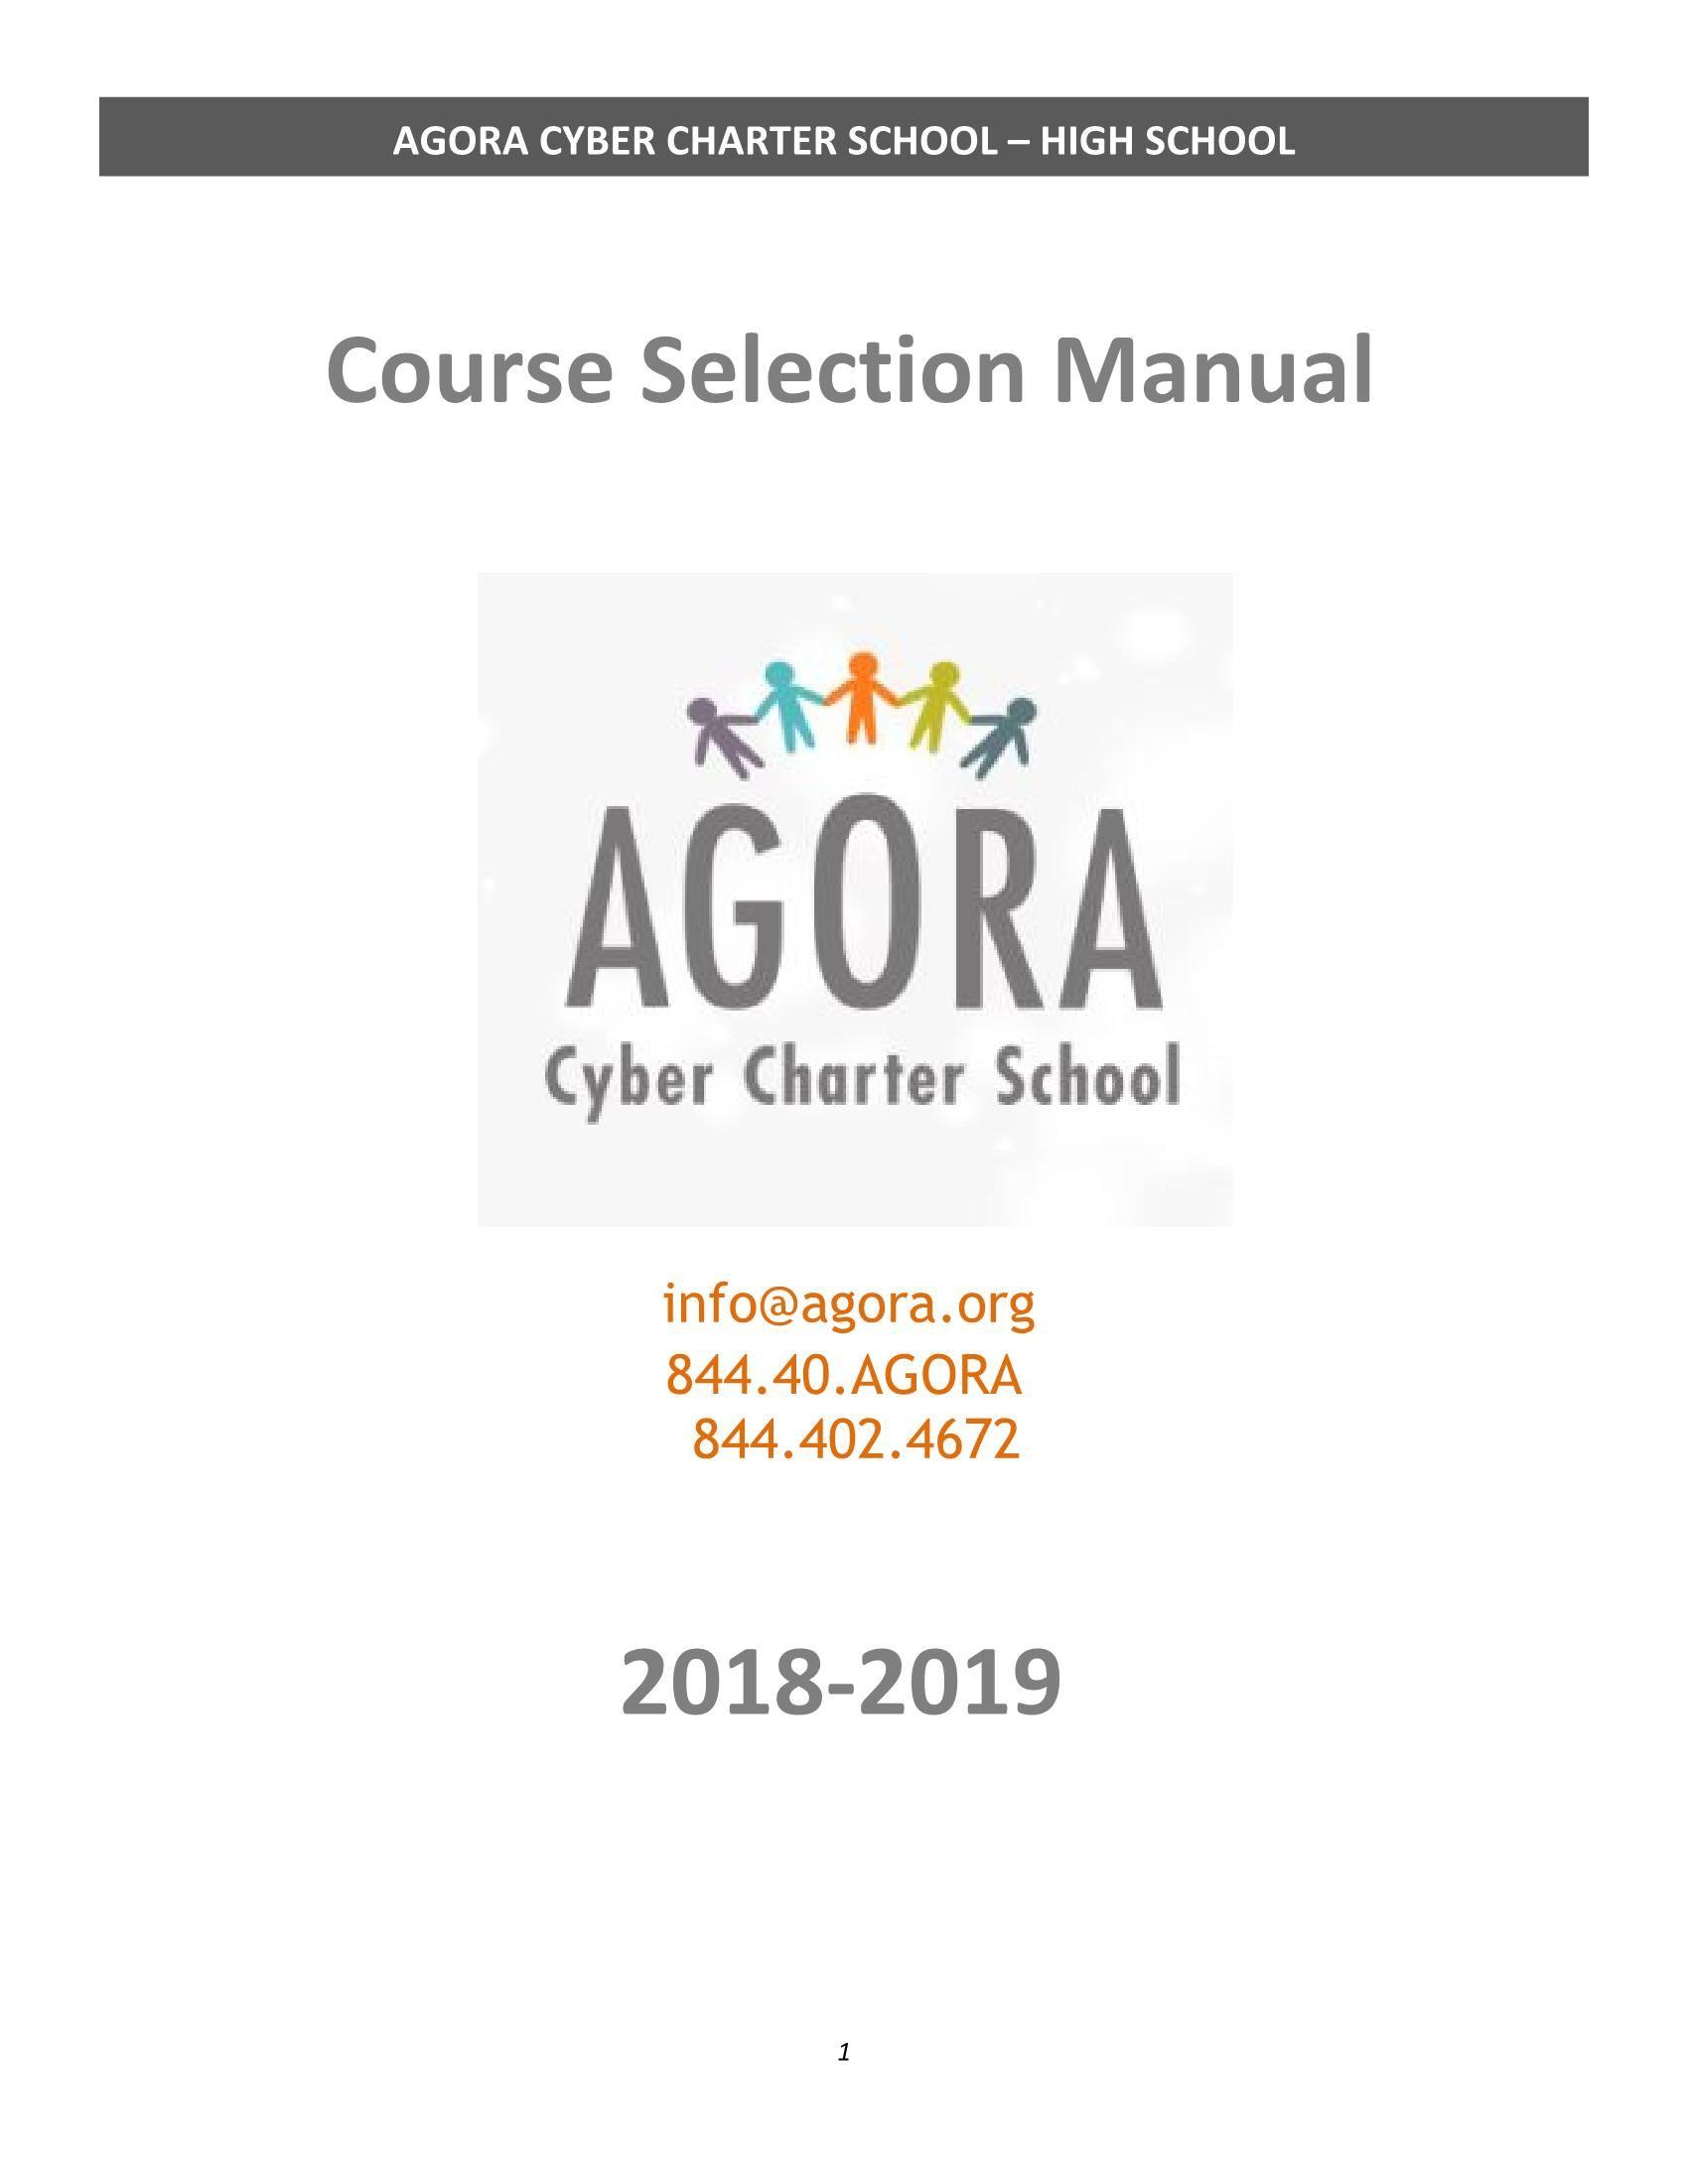 Agora Cyber Charter School Course Selection Manual 2018 2019 Pertaining To Agora Cyber Charter School Calendar